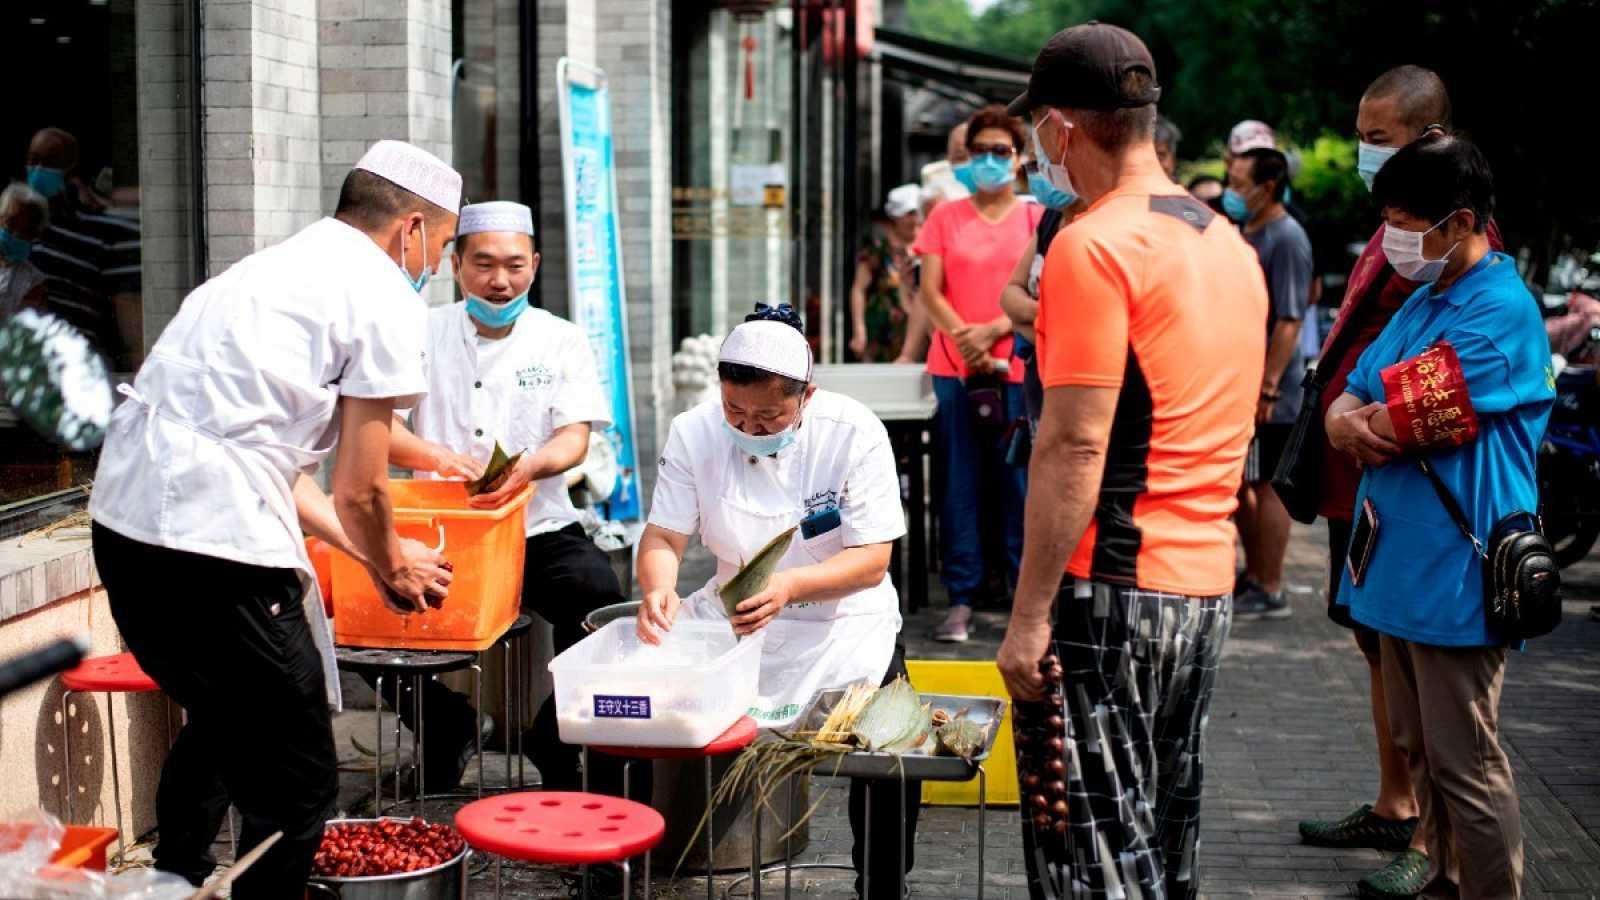 Trabajadores con mascarillas preparan comida en las calles de Pekín